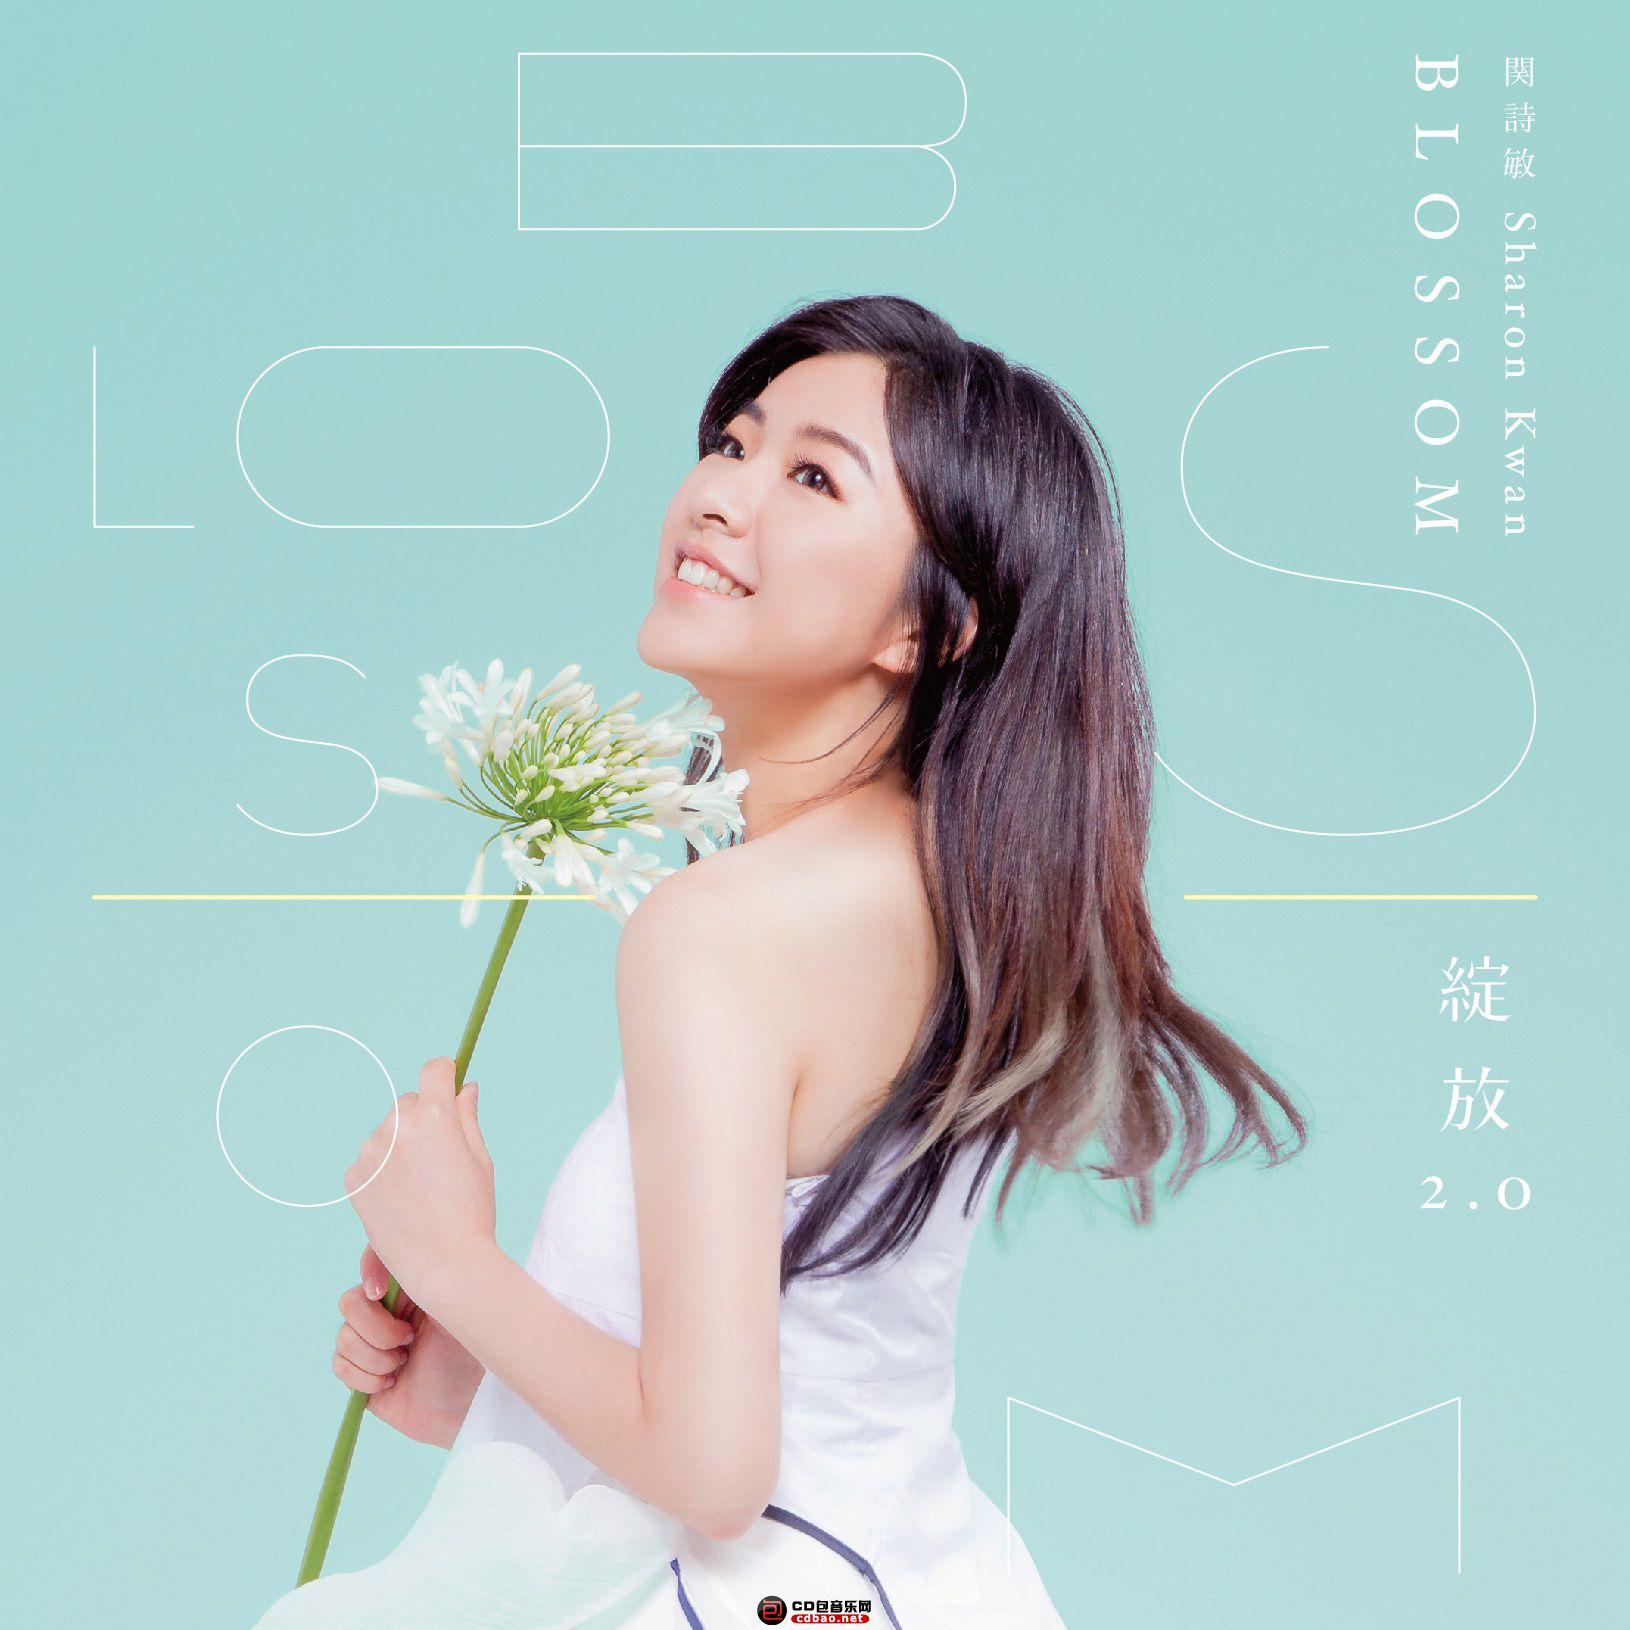 关诗敏 绽放2.0专辑封面.jpg